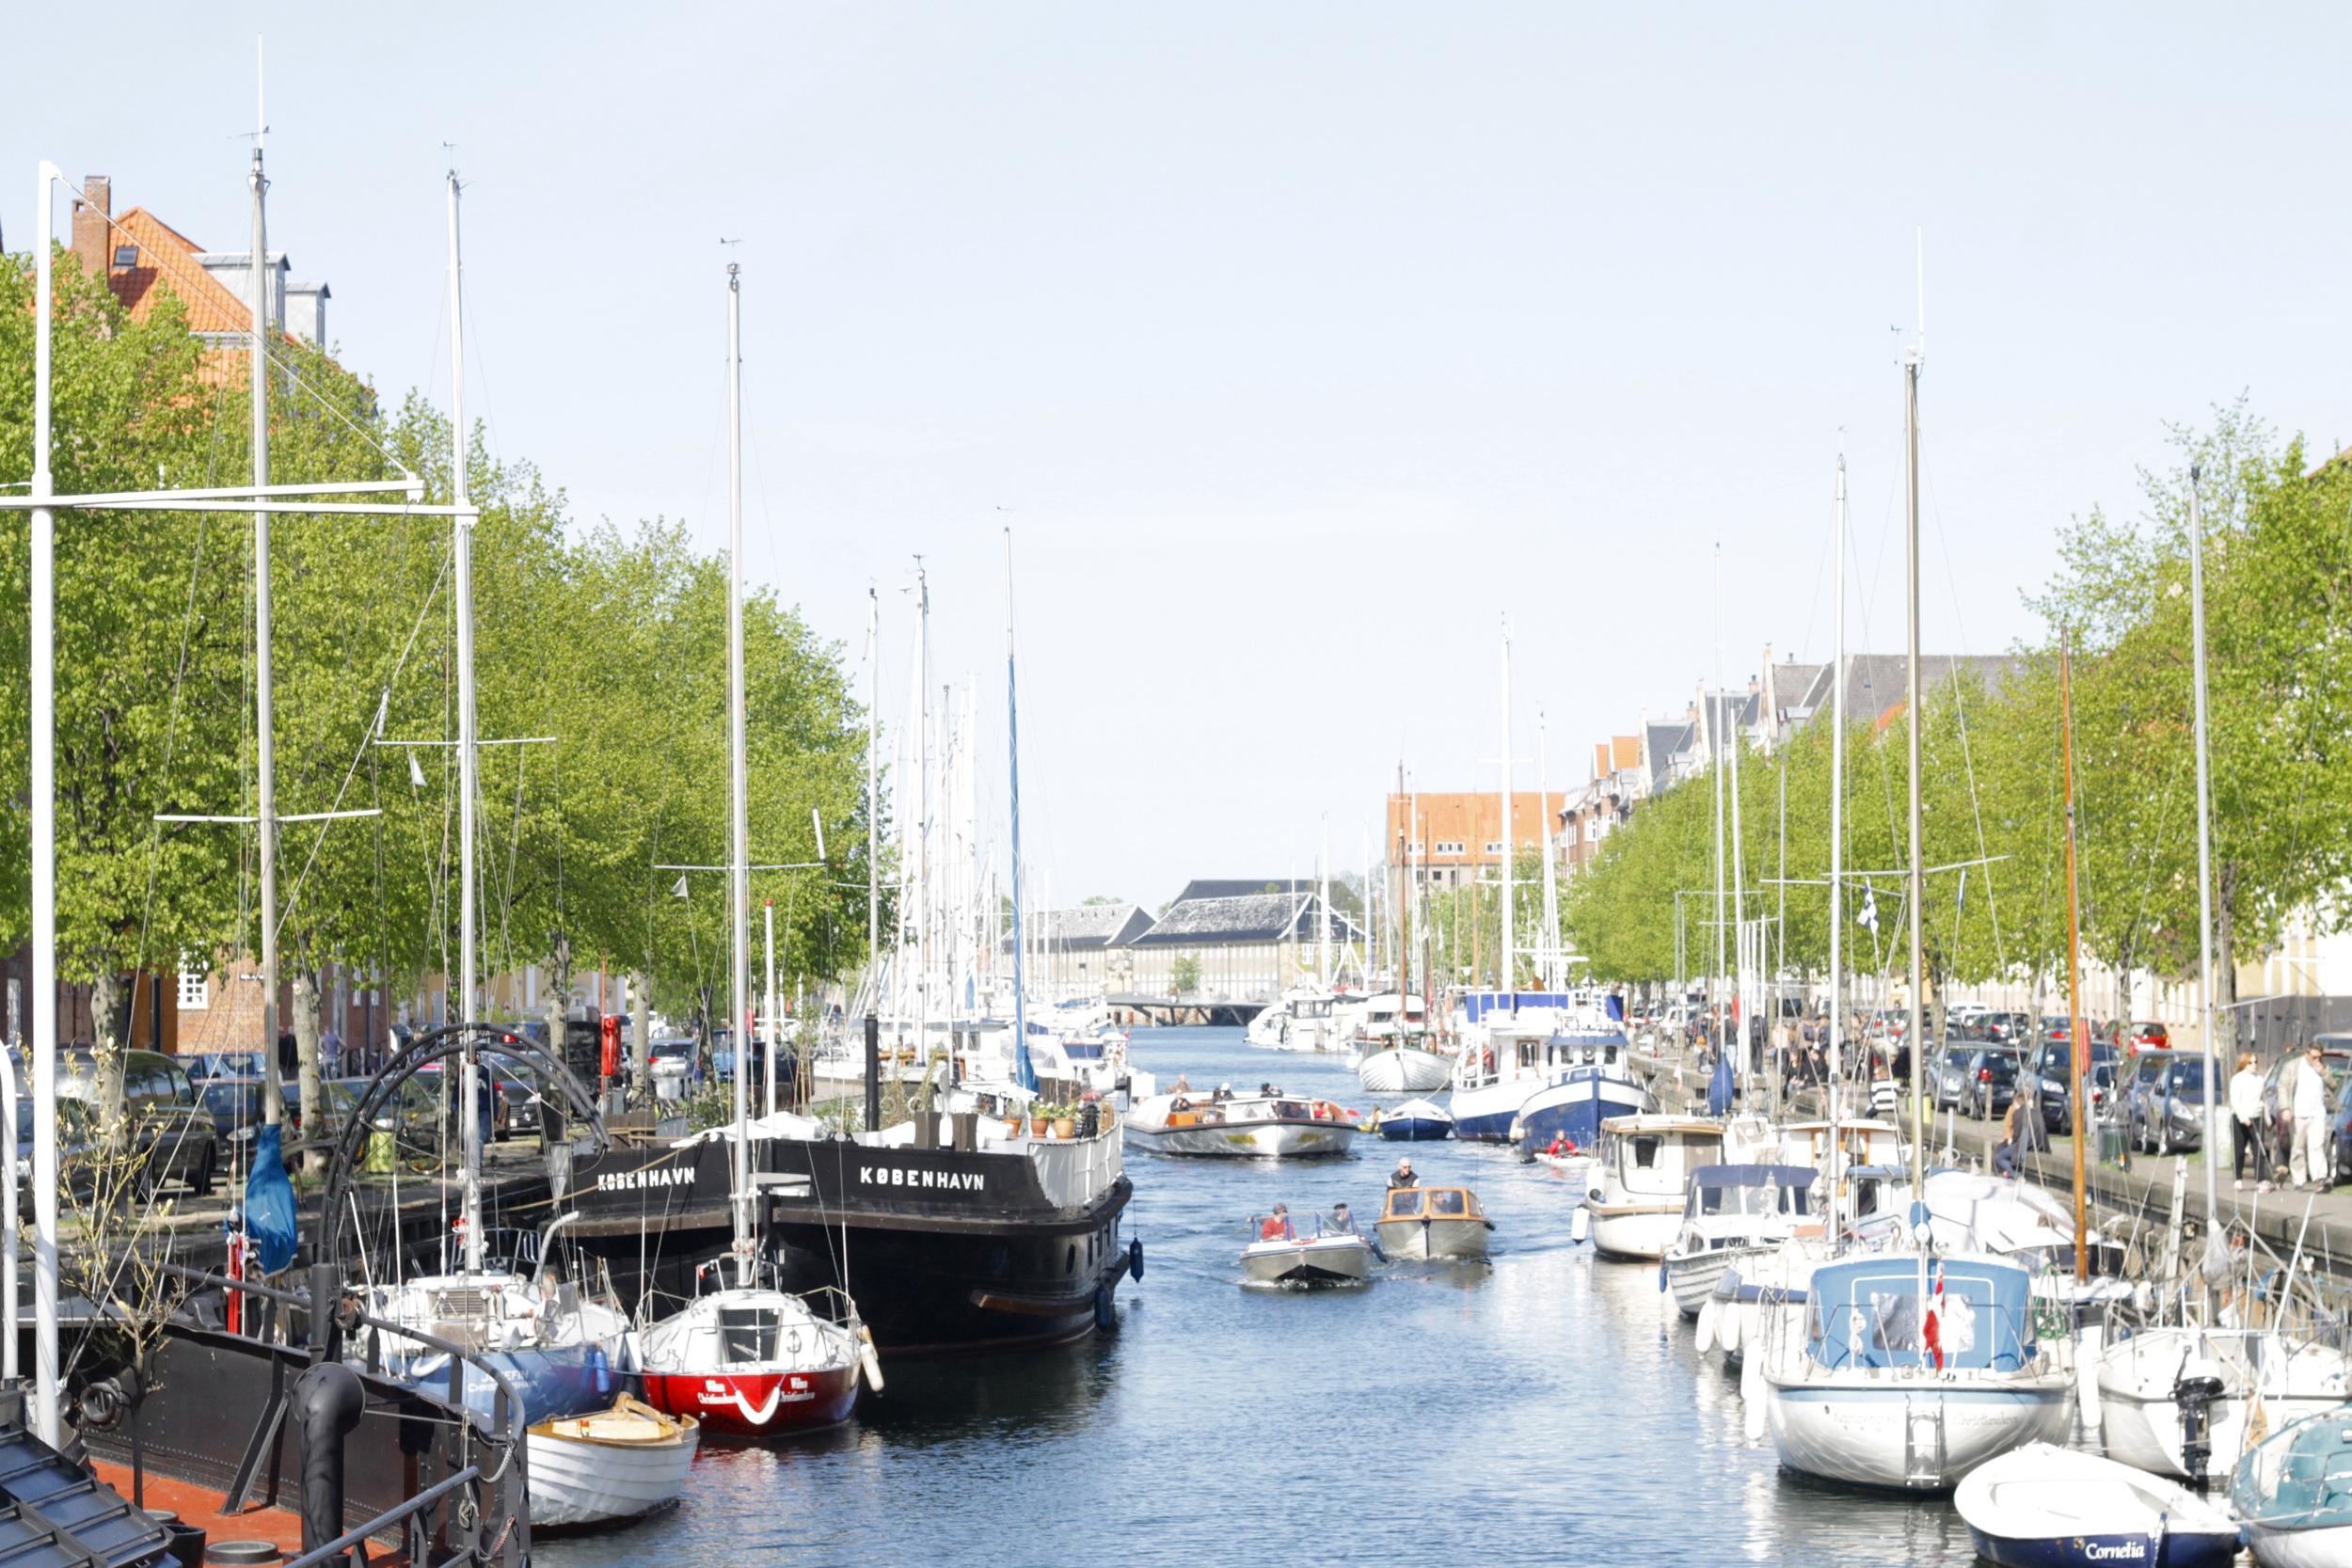 christianhavn canal, copenhagen   via: bekuh b.